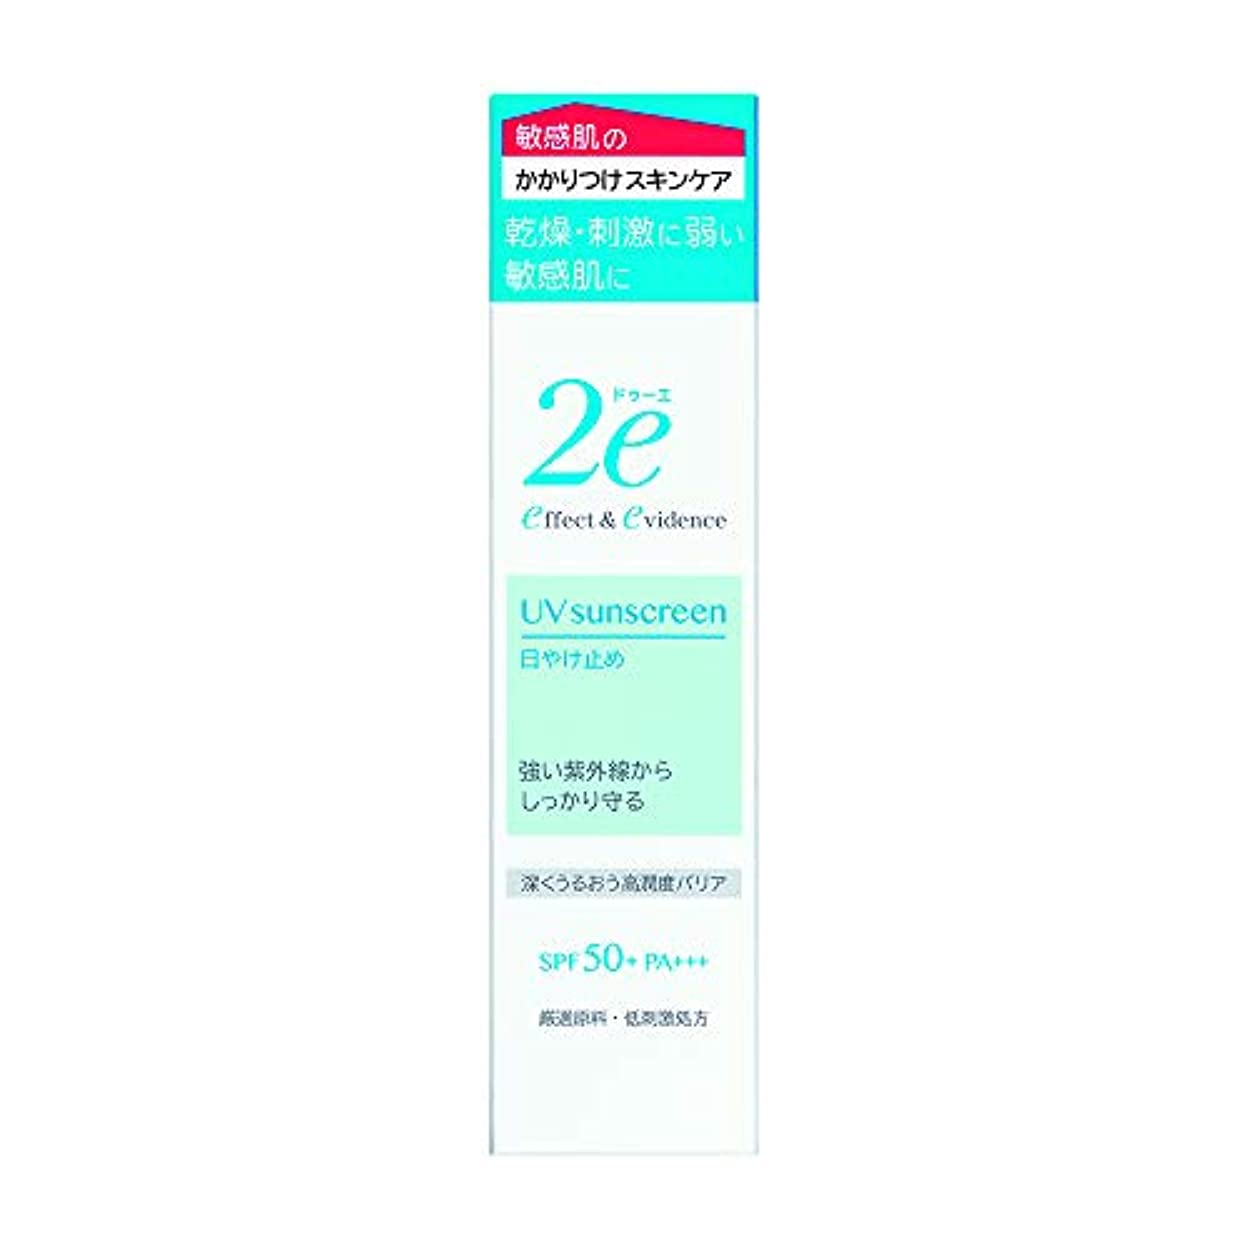 論理的に散るレイア2e(ドゥーエ) 日やけ止め 敏感肌用 低刺激処方 深くうるおう高潤度バリア 40g SPF50+ PA+++ 日焼け止め